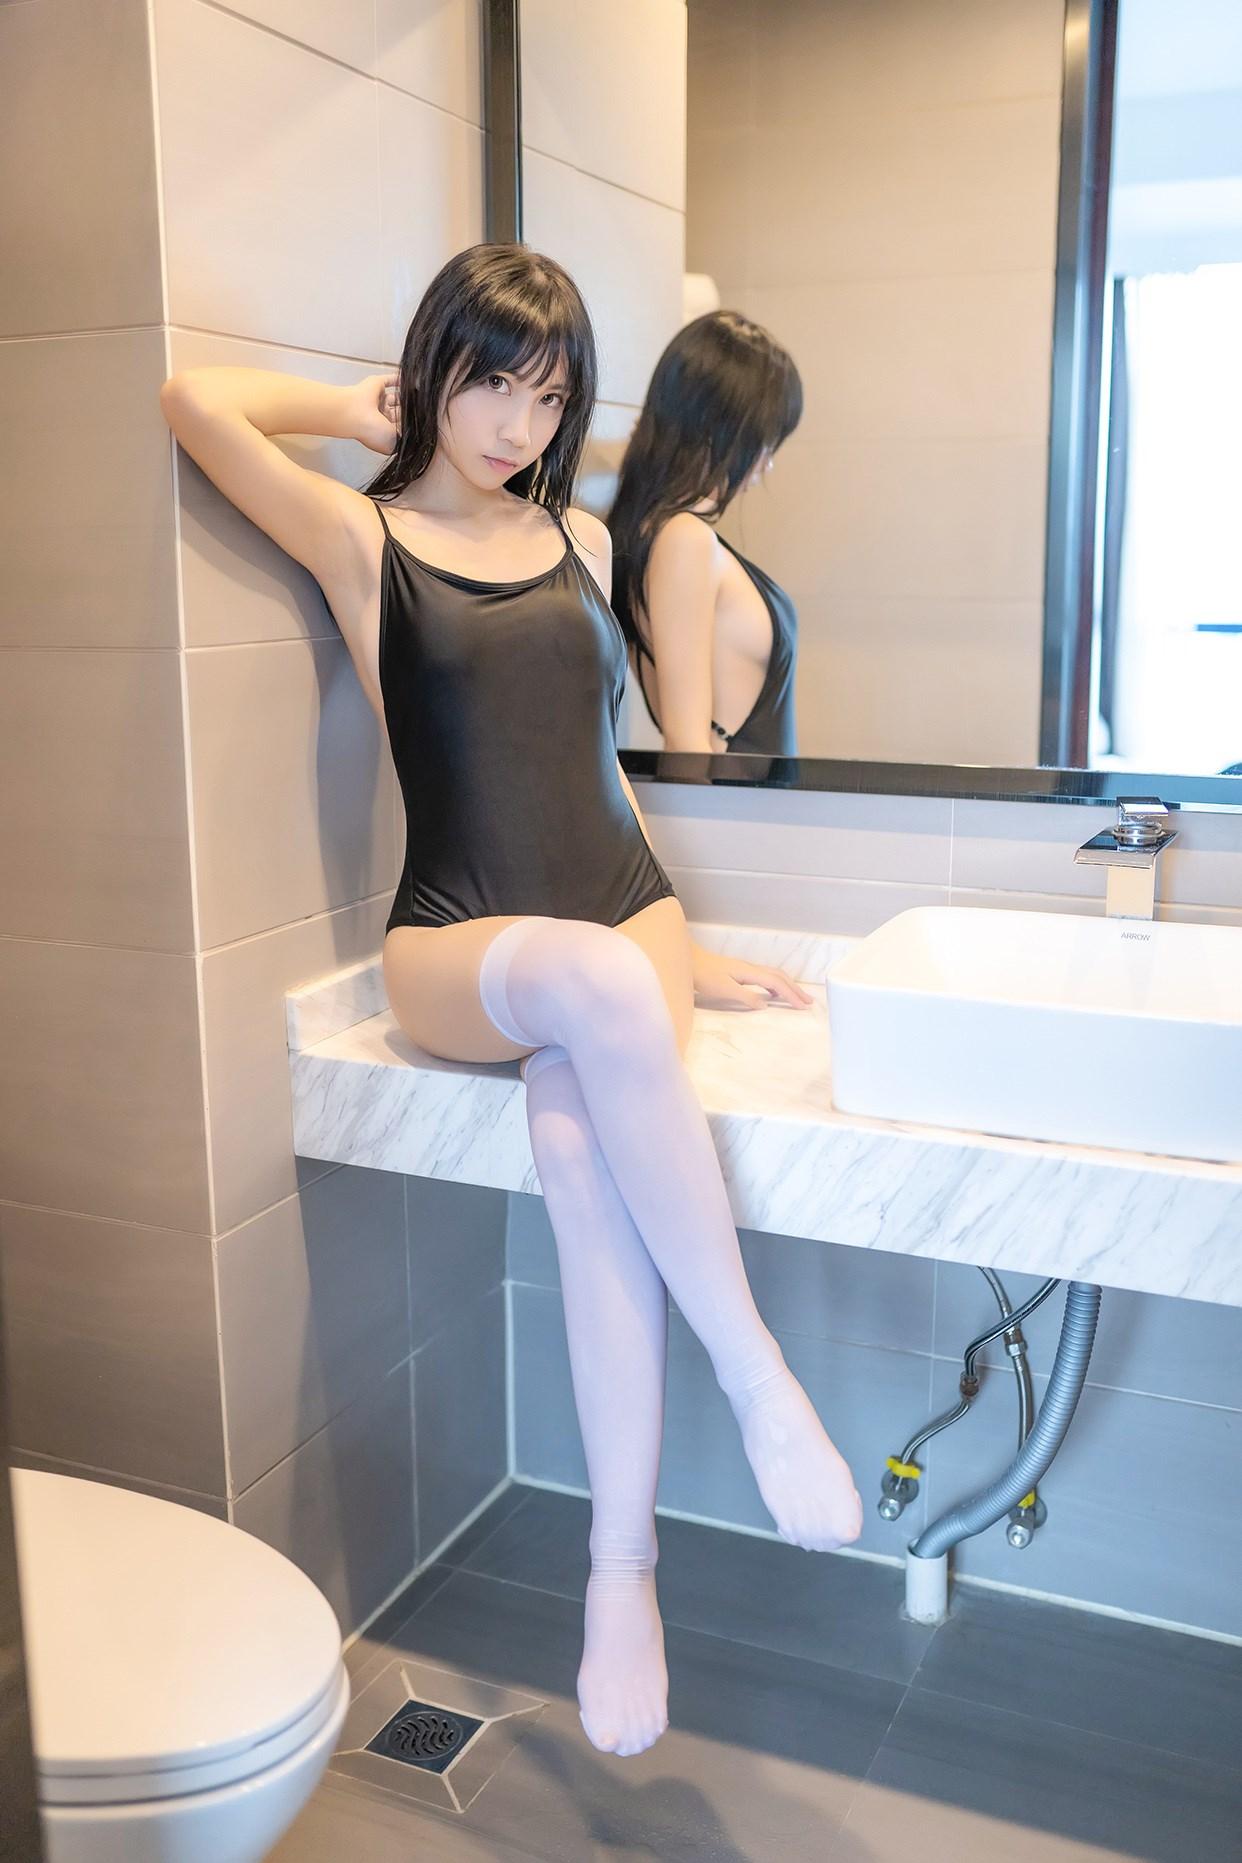 【兔玩映画】浴室里的死库水 兔玩映画 第34张